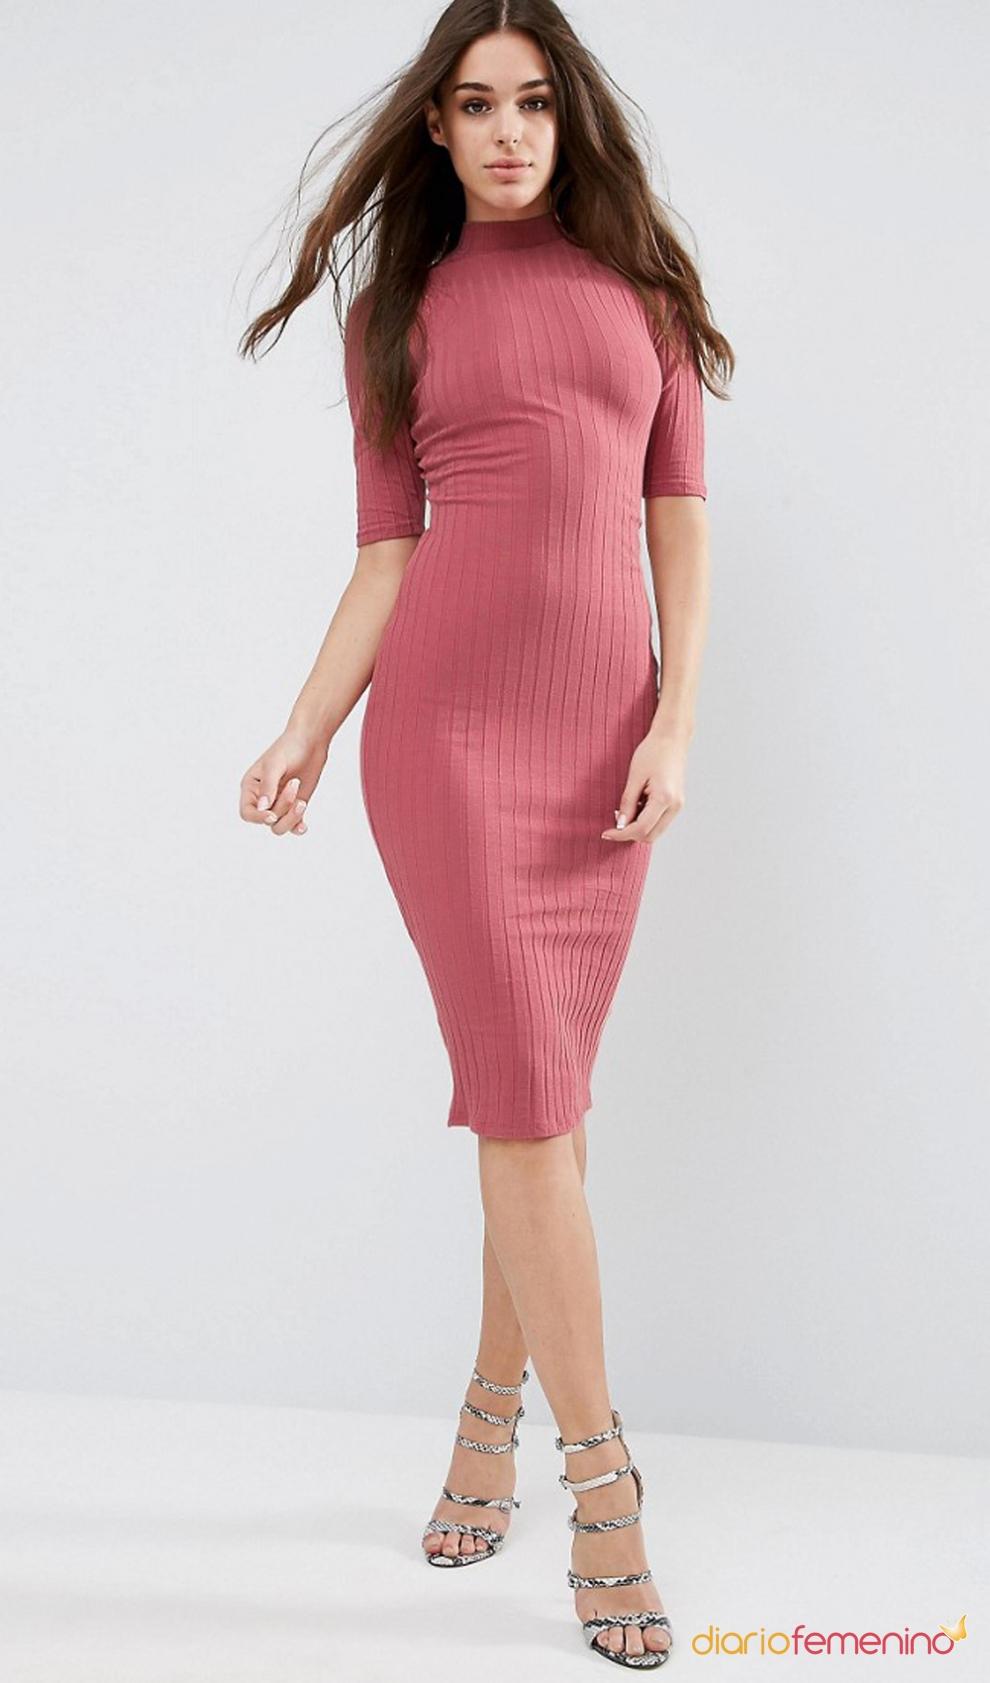 Excepcional Asos Vestido De Fiesta Ideas - Colección del Vestido de ...